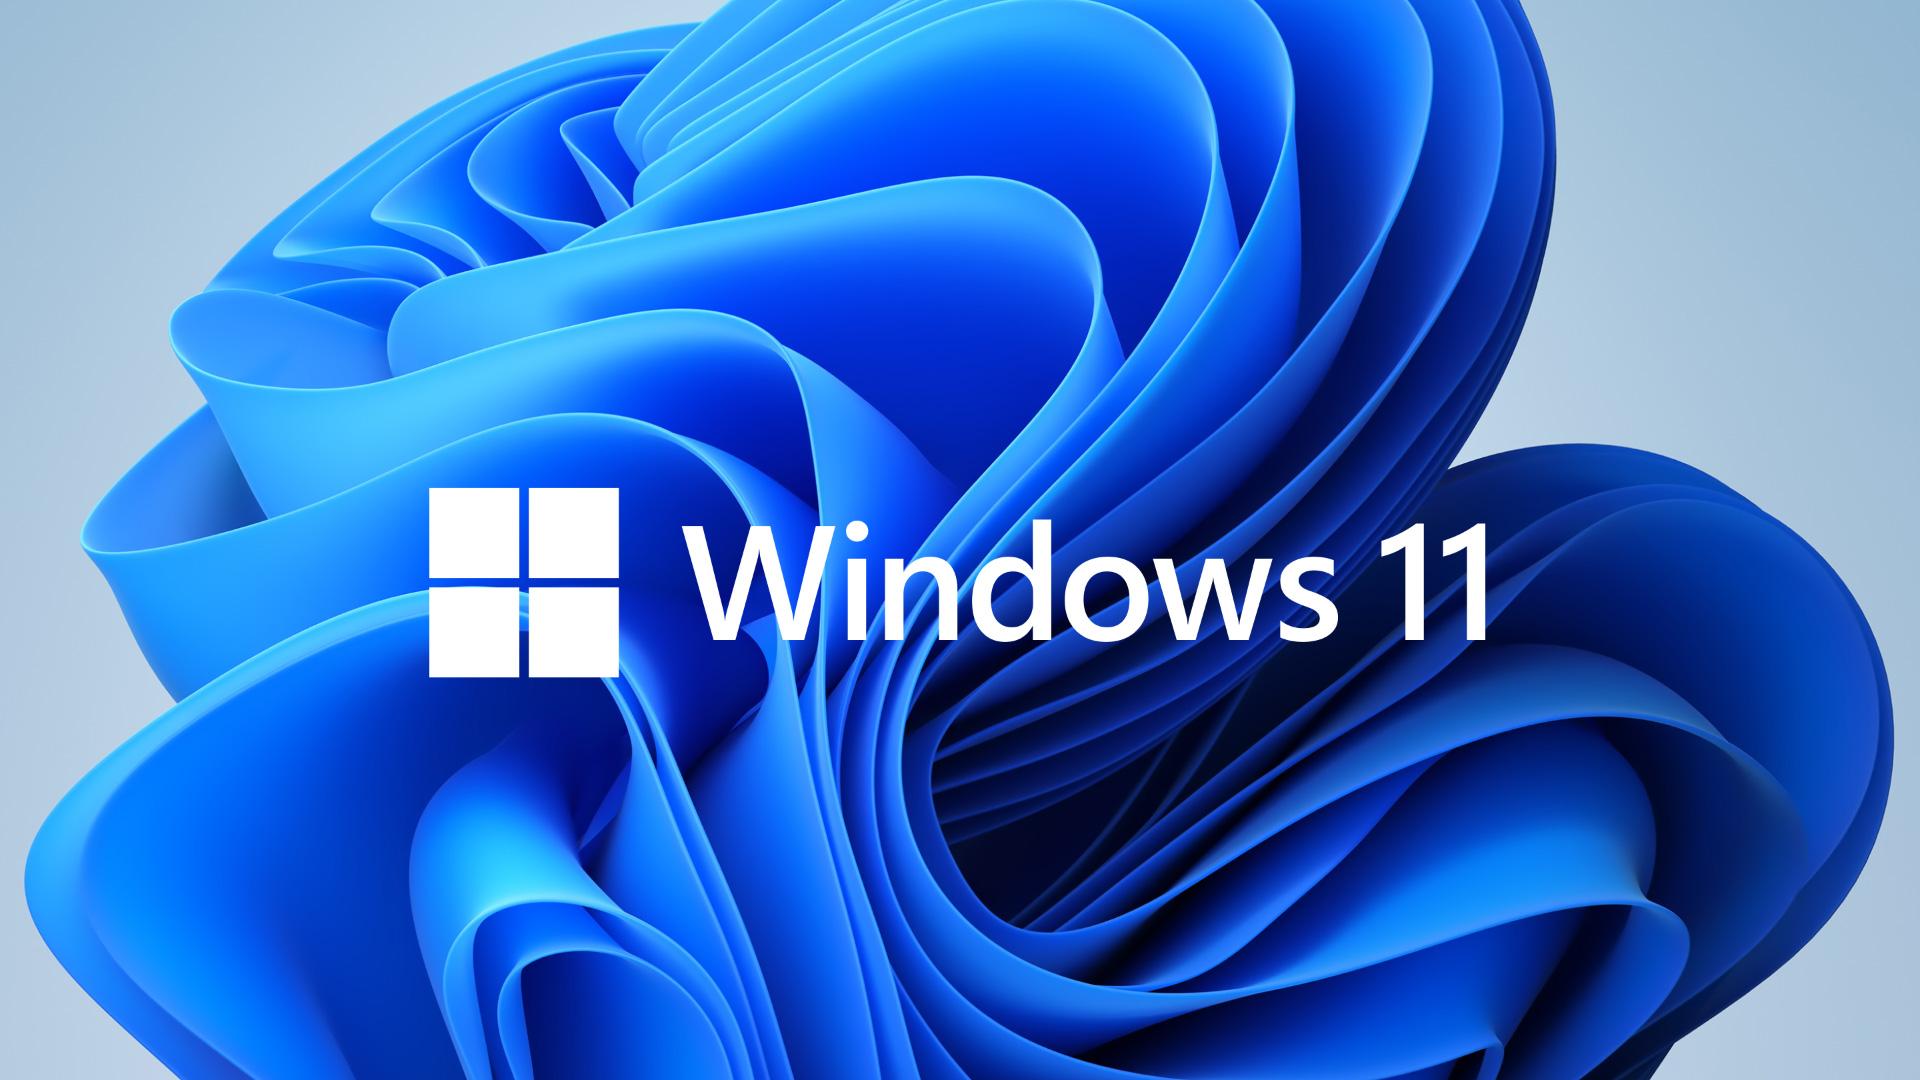 شعار نظام تشغيل Windows 11 مع خلفية مزينة